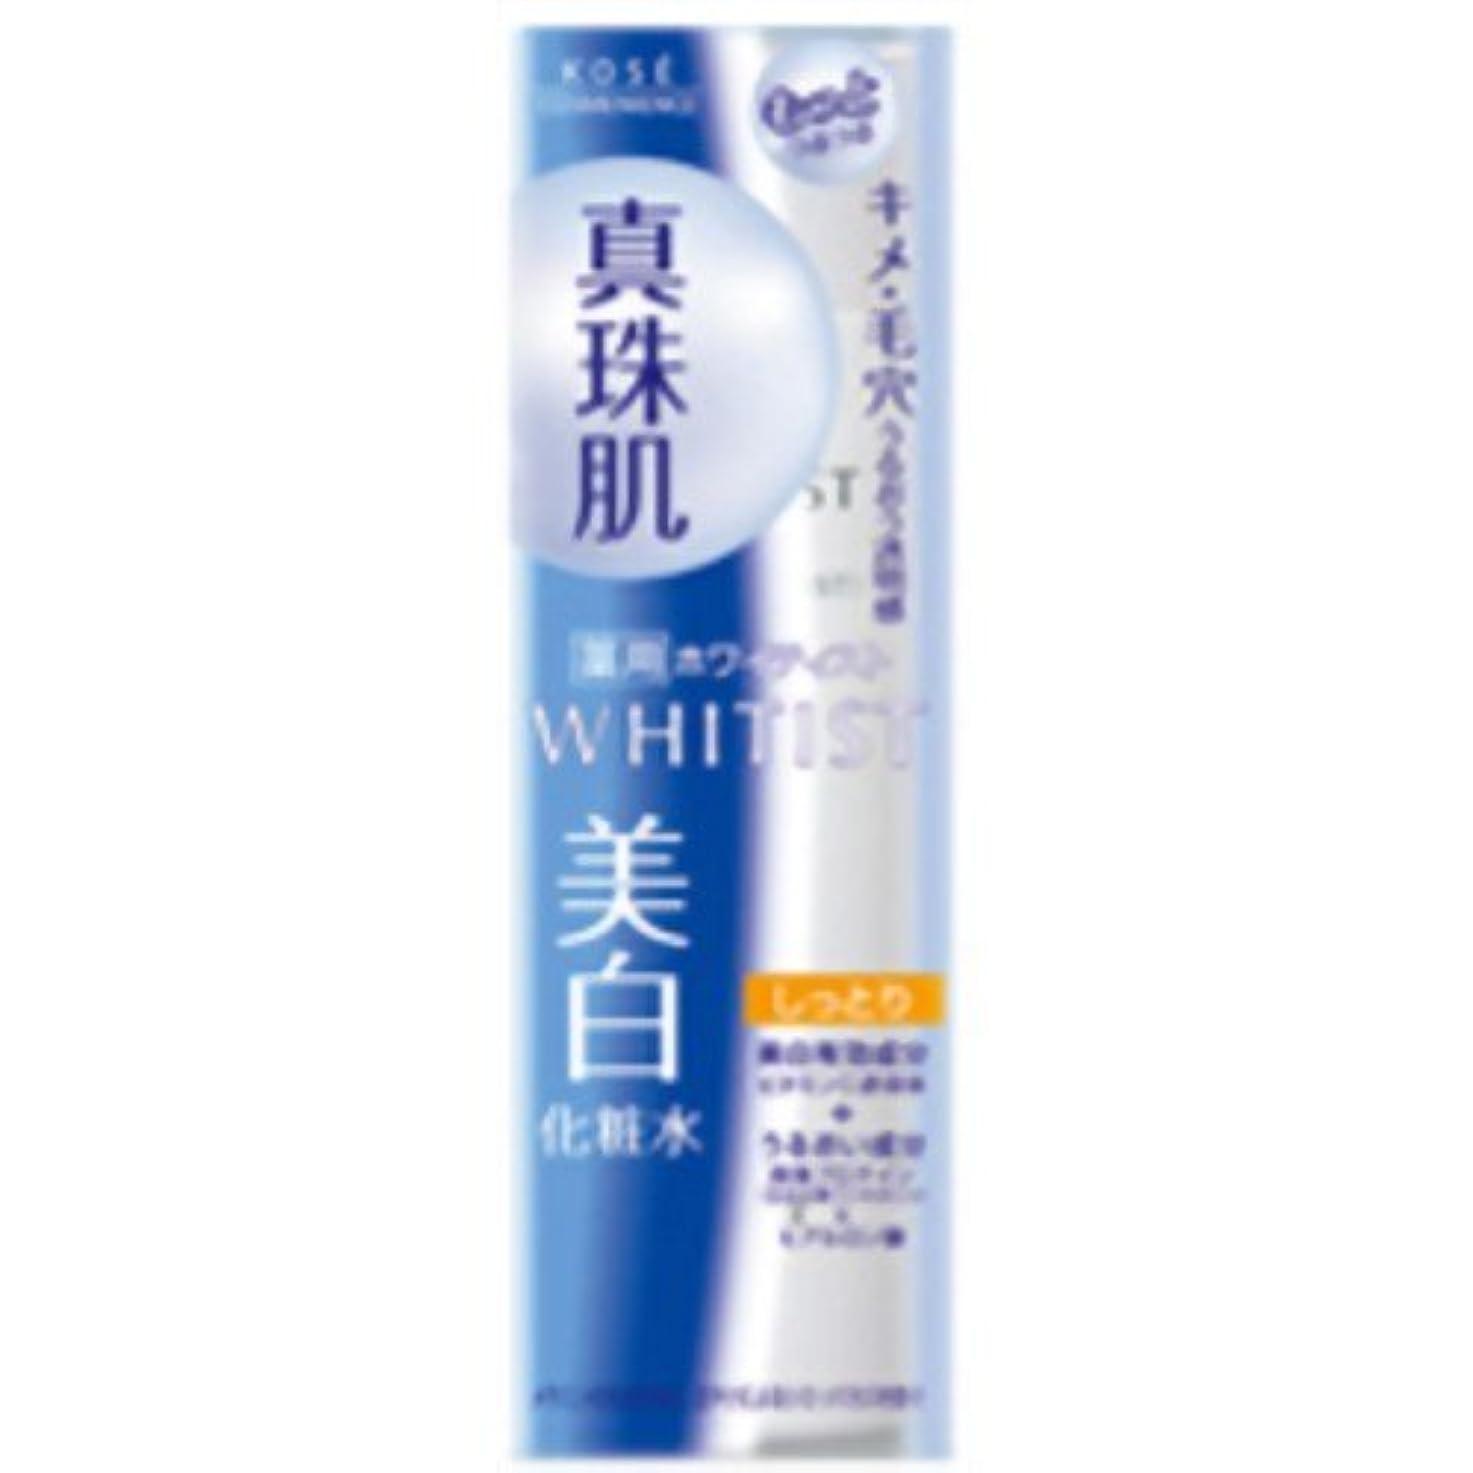 物理エラー香りコーセー ホワイティスト EXローション(しっとり) 200ml